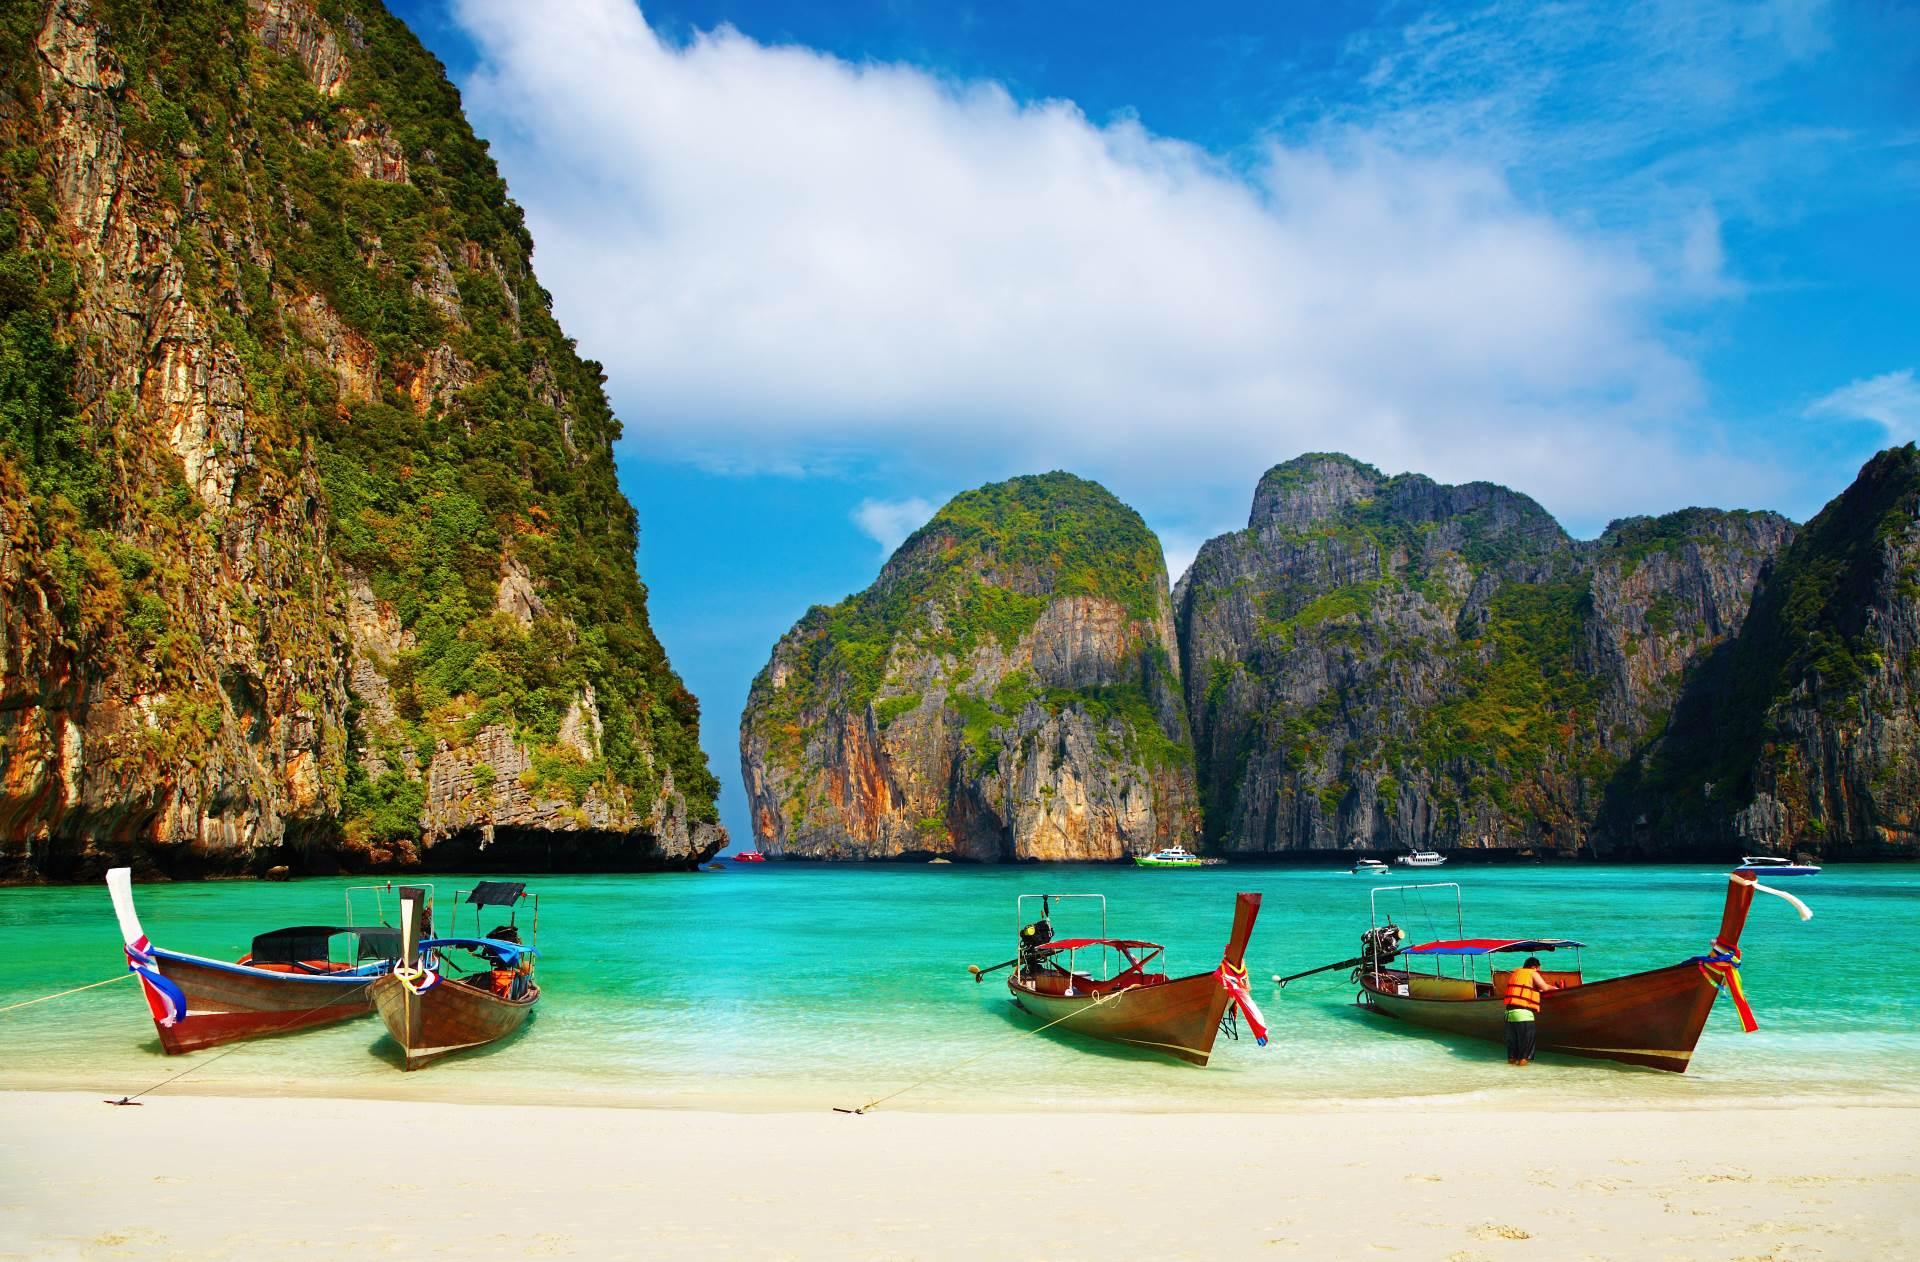 Sfeerimpressie zonvakantie Thailand